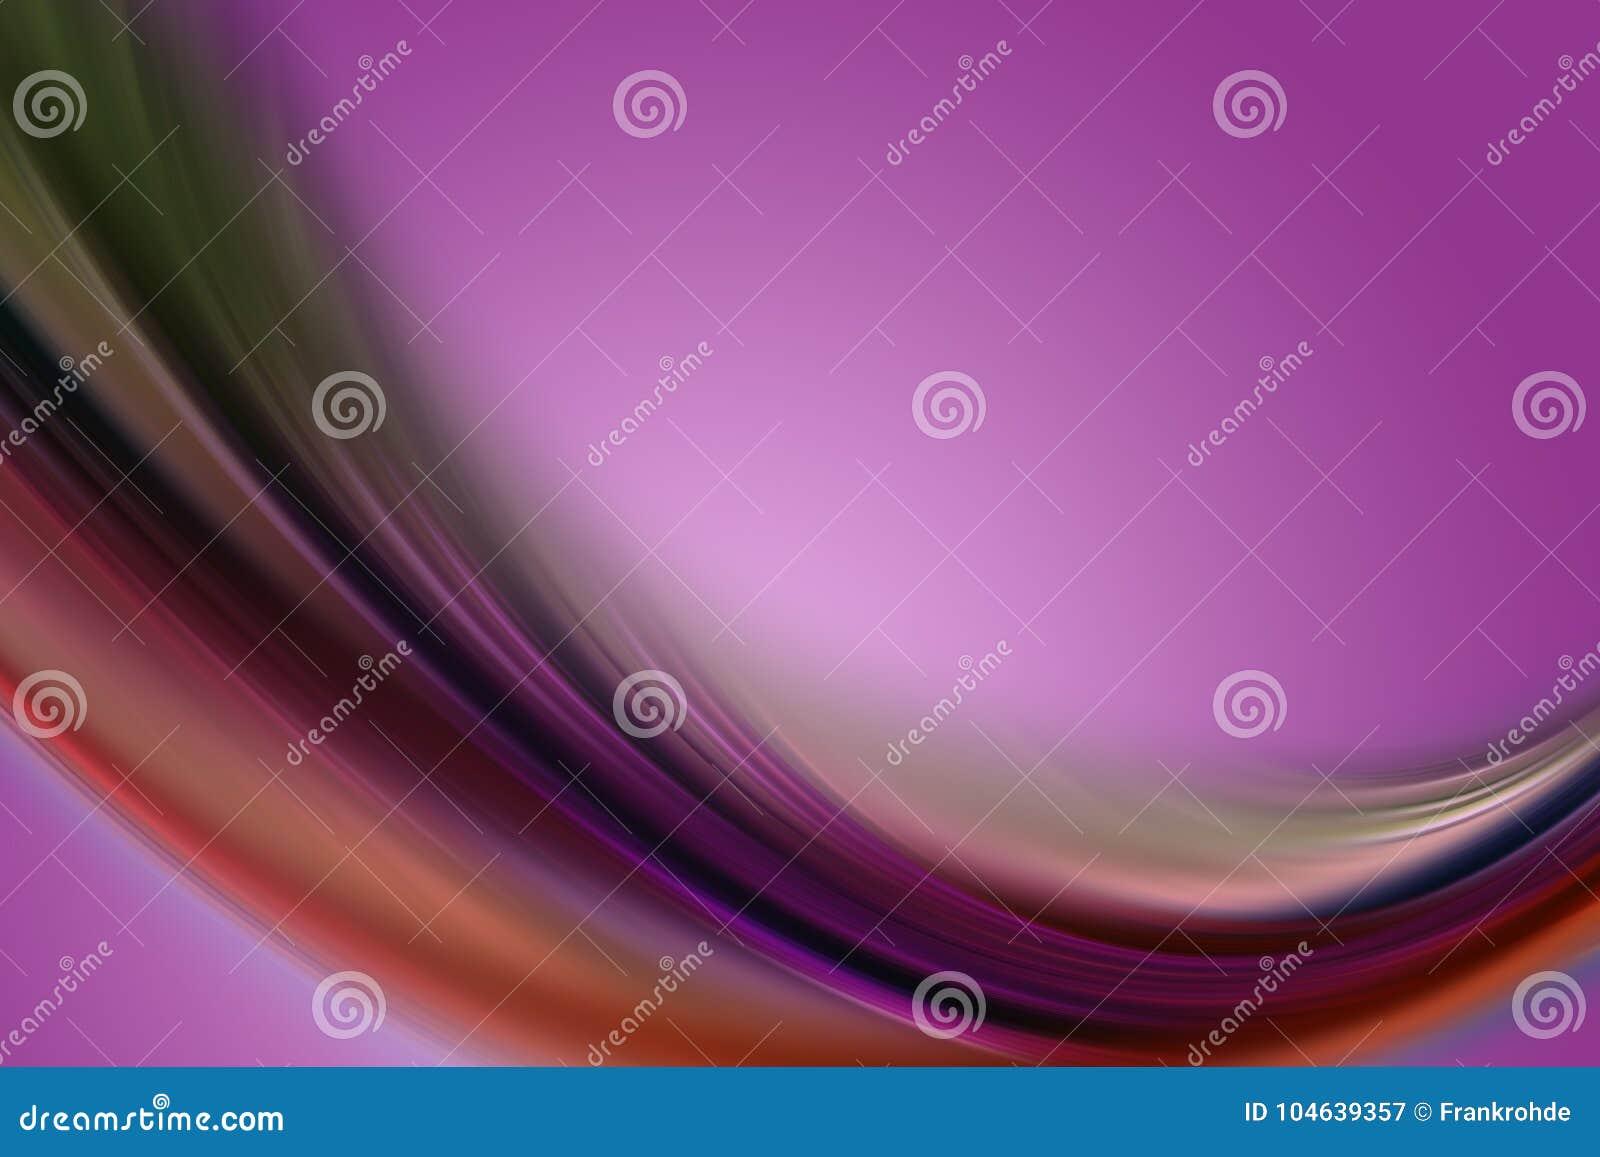 Download Abstract Elegant Ontwerp Als Achtergrond Stock Illustratie - Illustratie bestaande uit dekking, kleur: 104639357